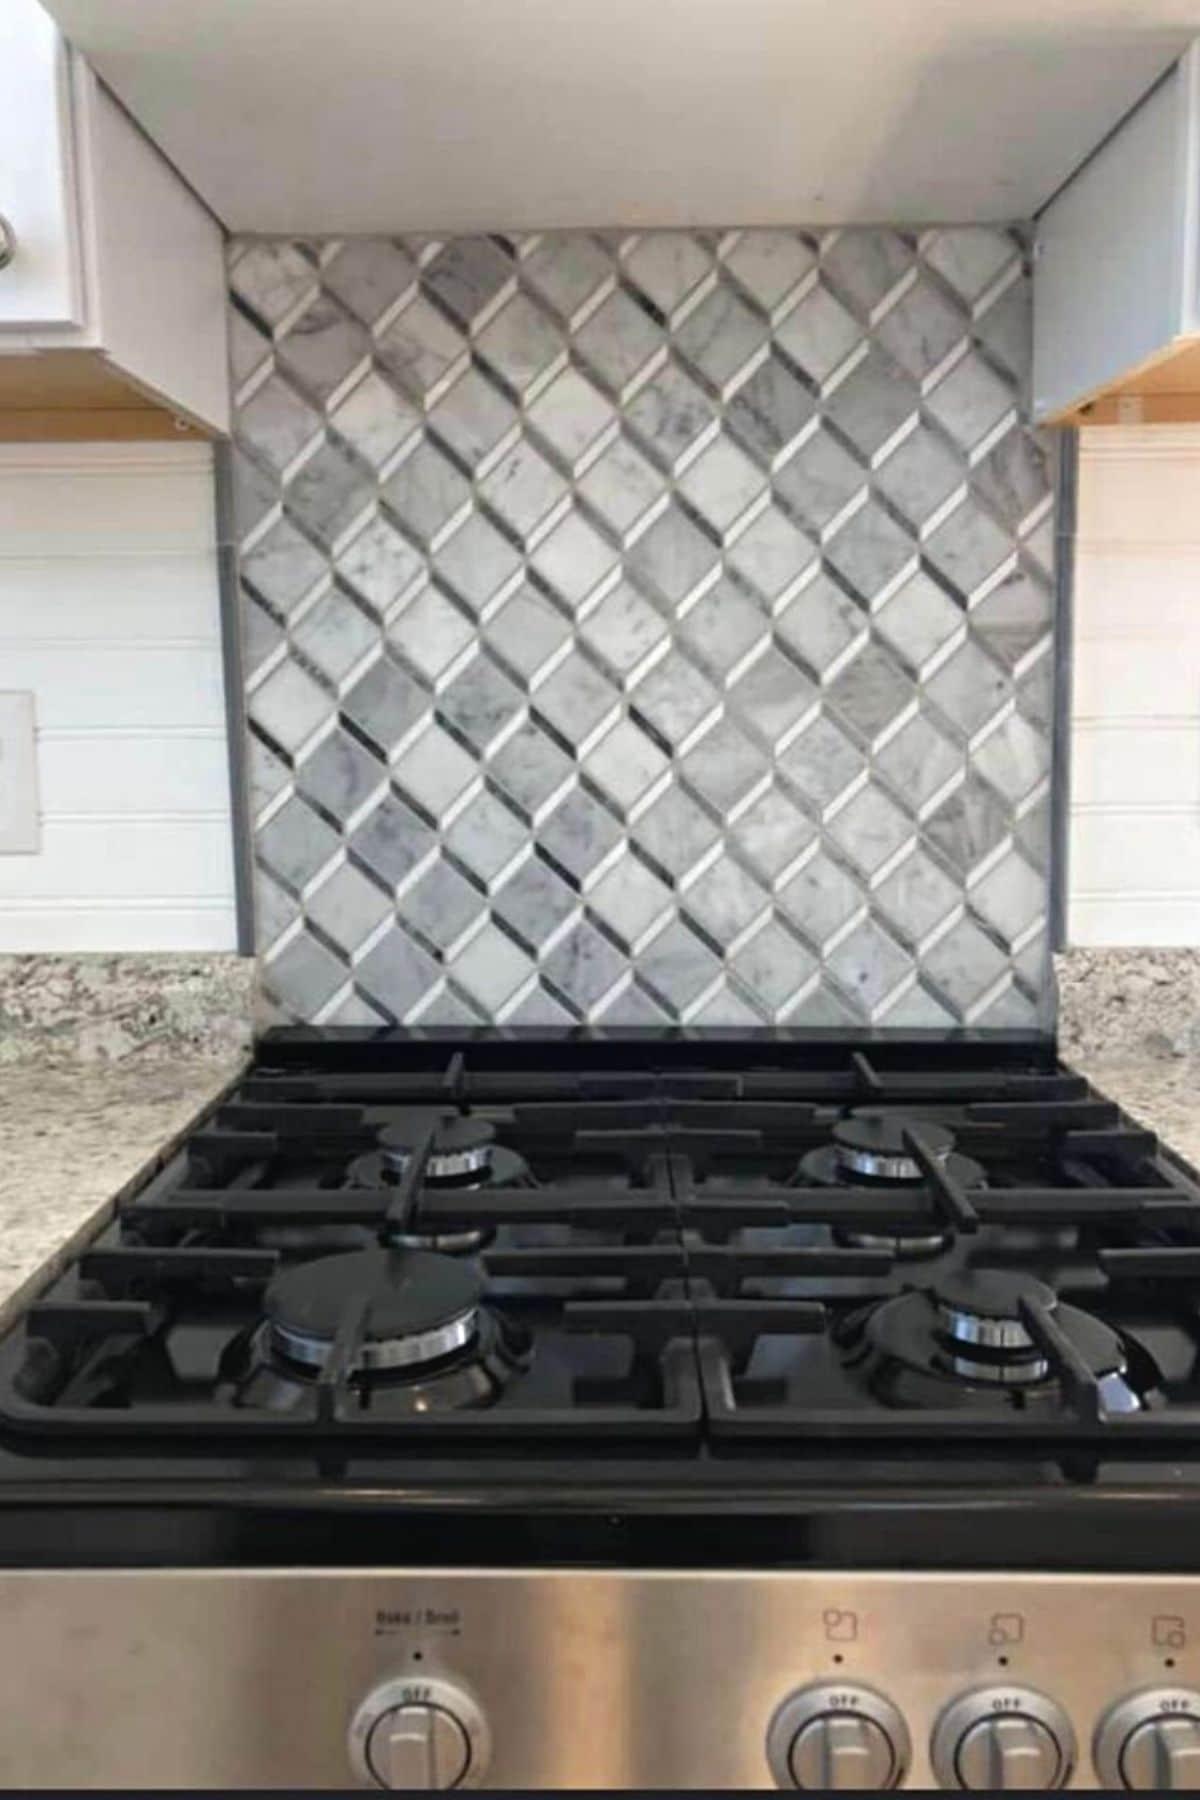 Tiled backsplash behind gas stove